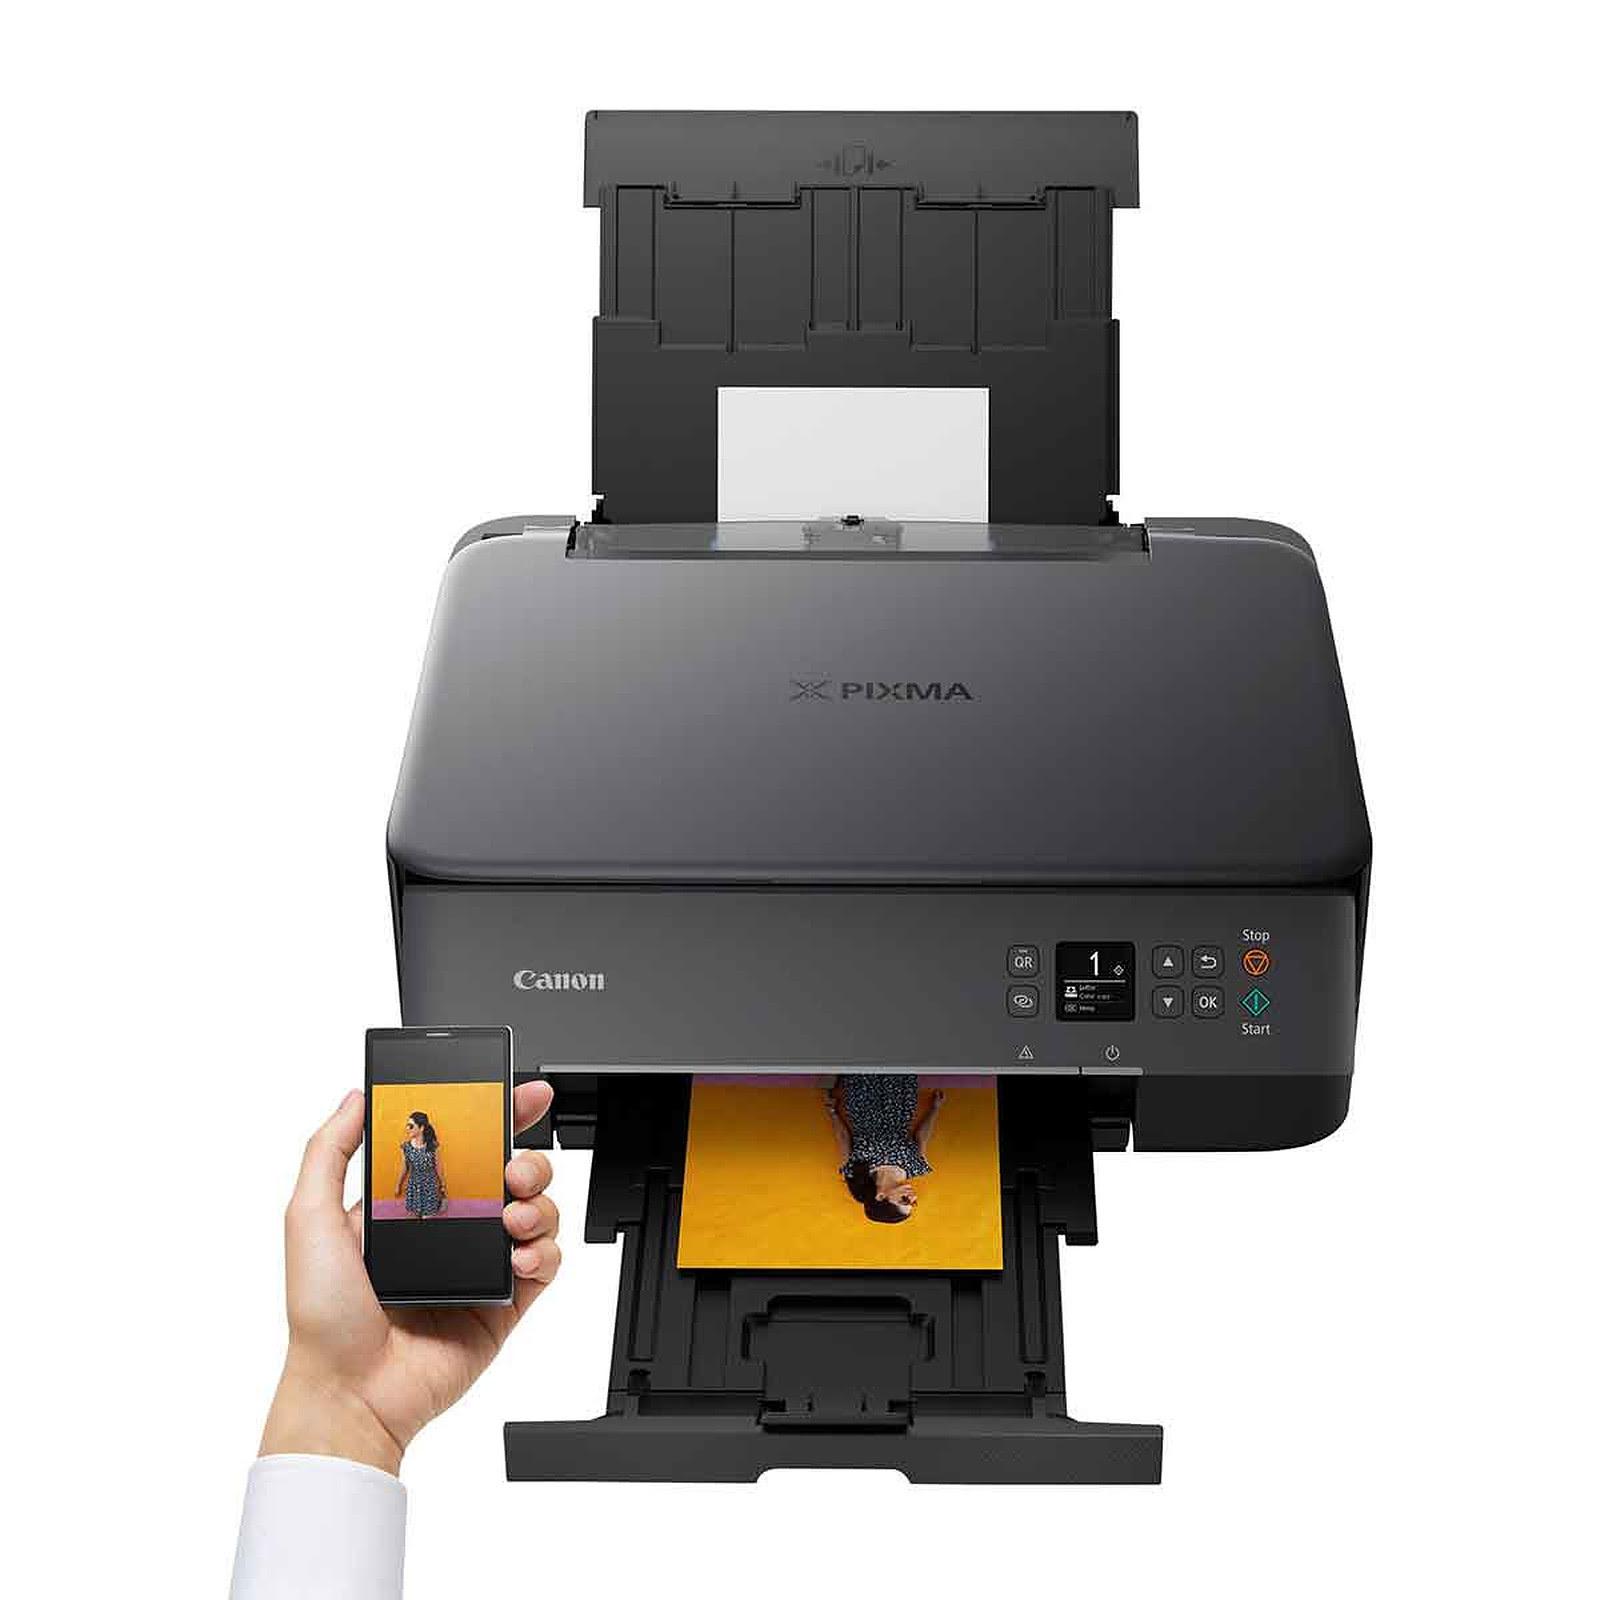 PIXMA TS5350 (3773C006) - Achat / Vente Imprimante multifonction sur Picata.fr - 1